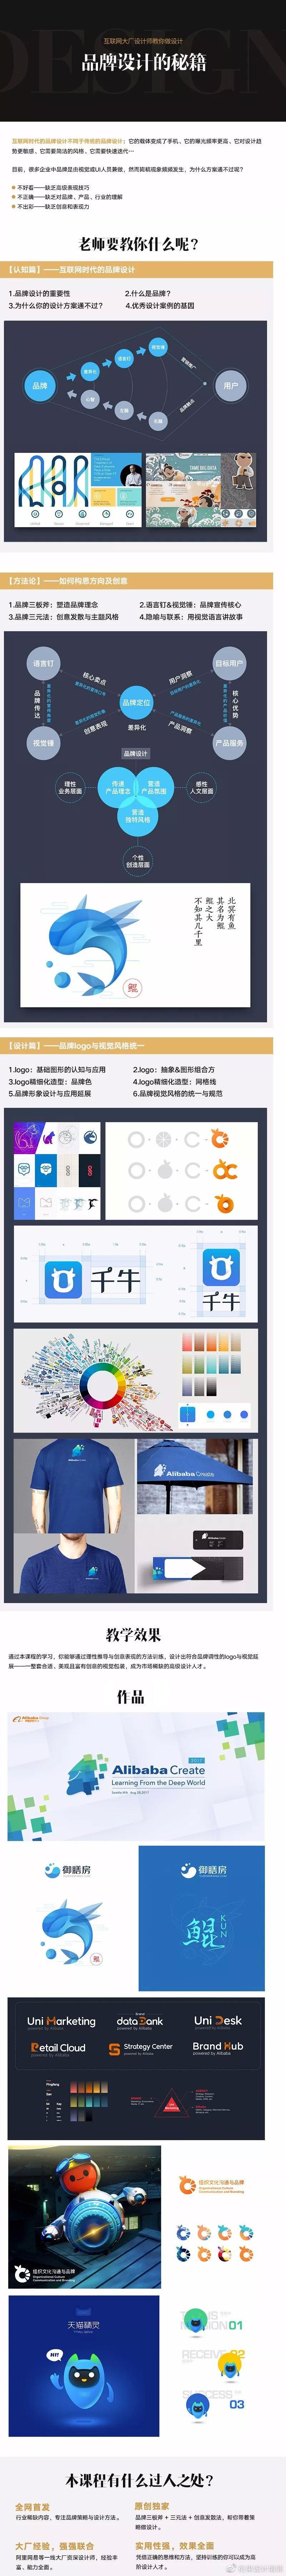 平面品牌创意设计操作方法